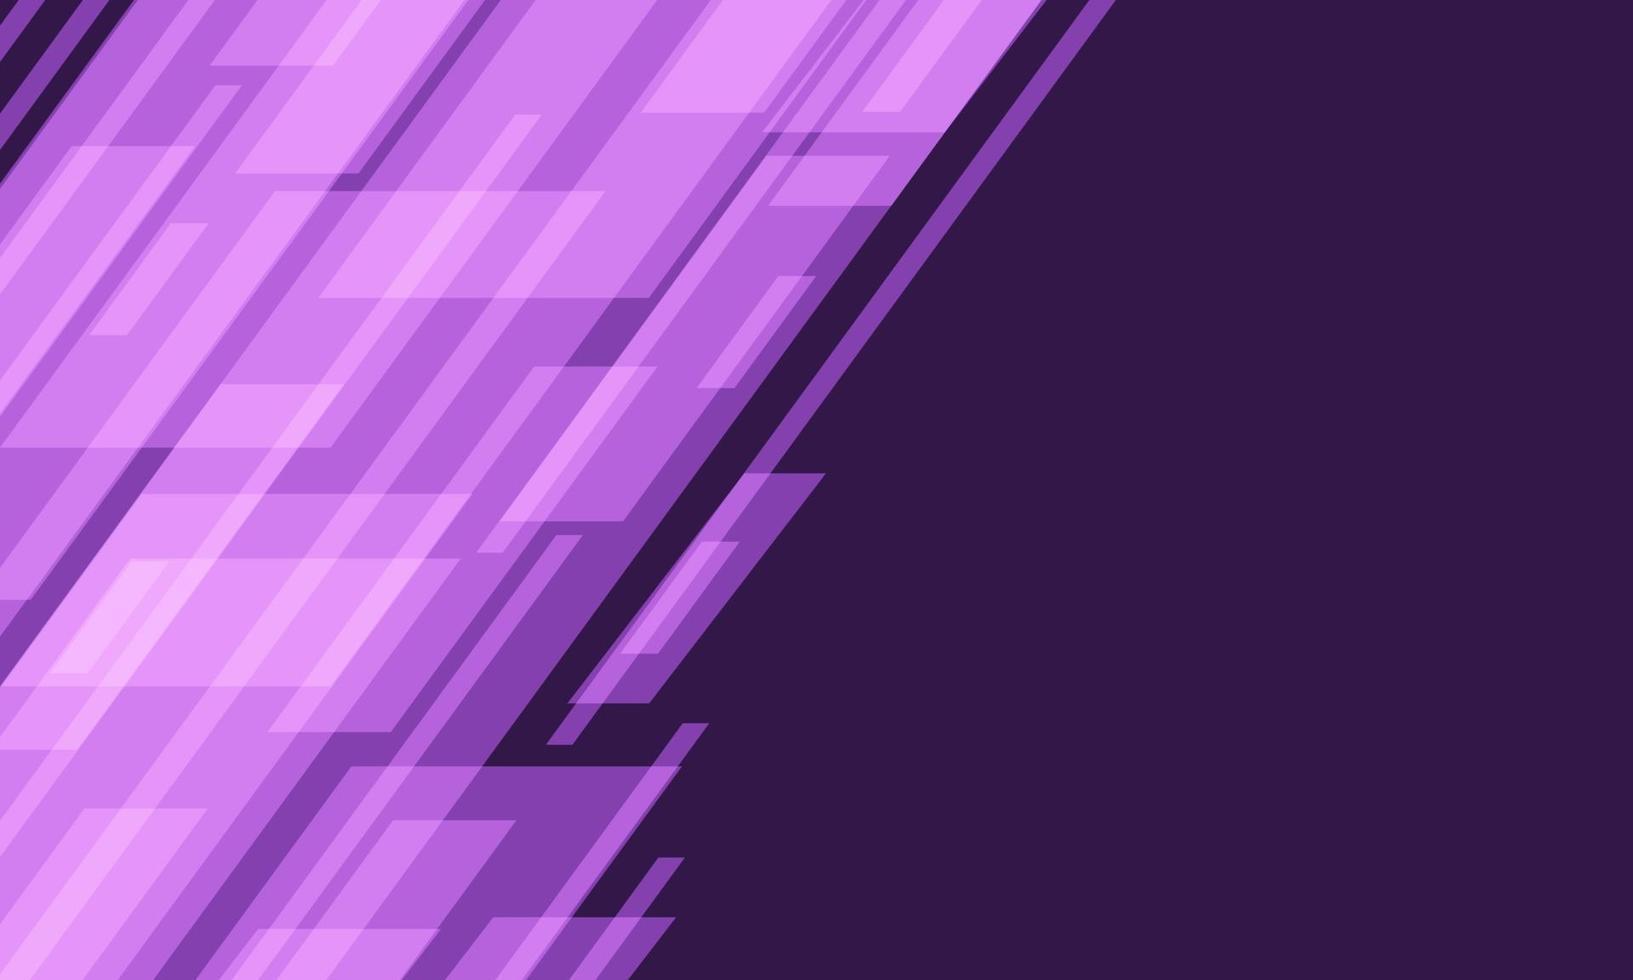 Abstrait ton violet léger vitesse géométrique dynamique avec espace vide design moderne technologie futuriste fond illustration vectorielle vecteur